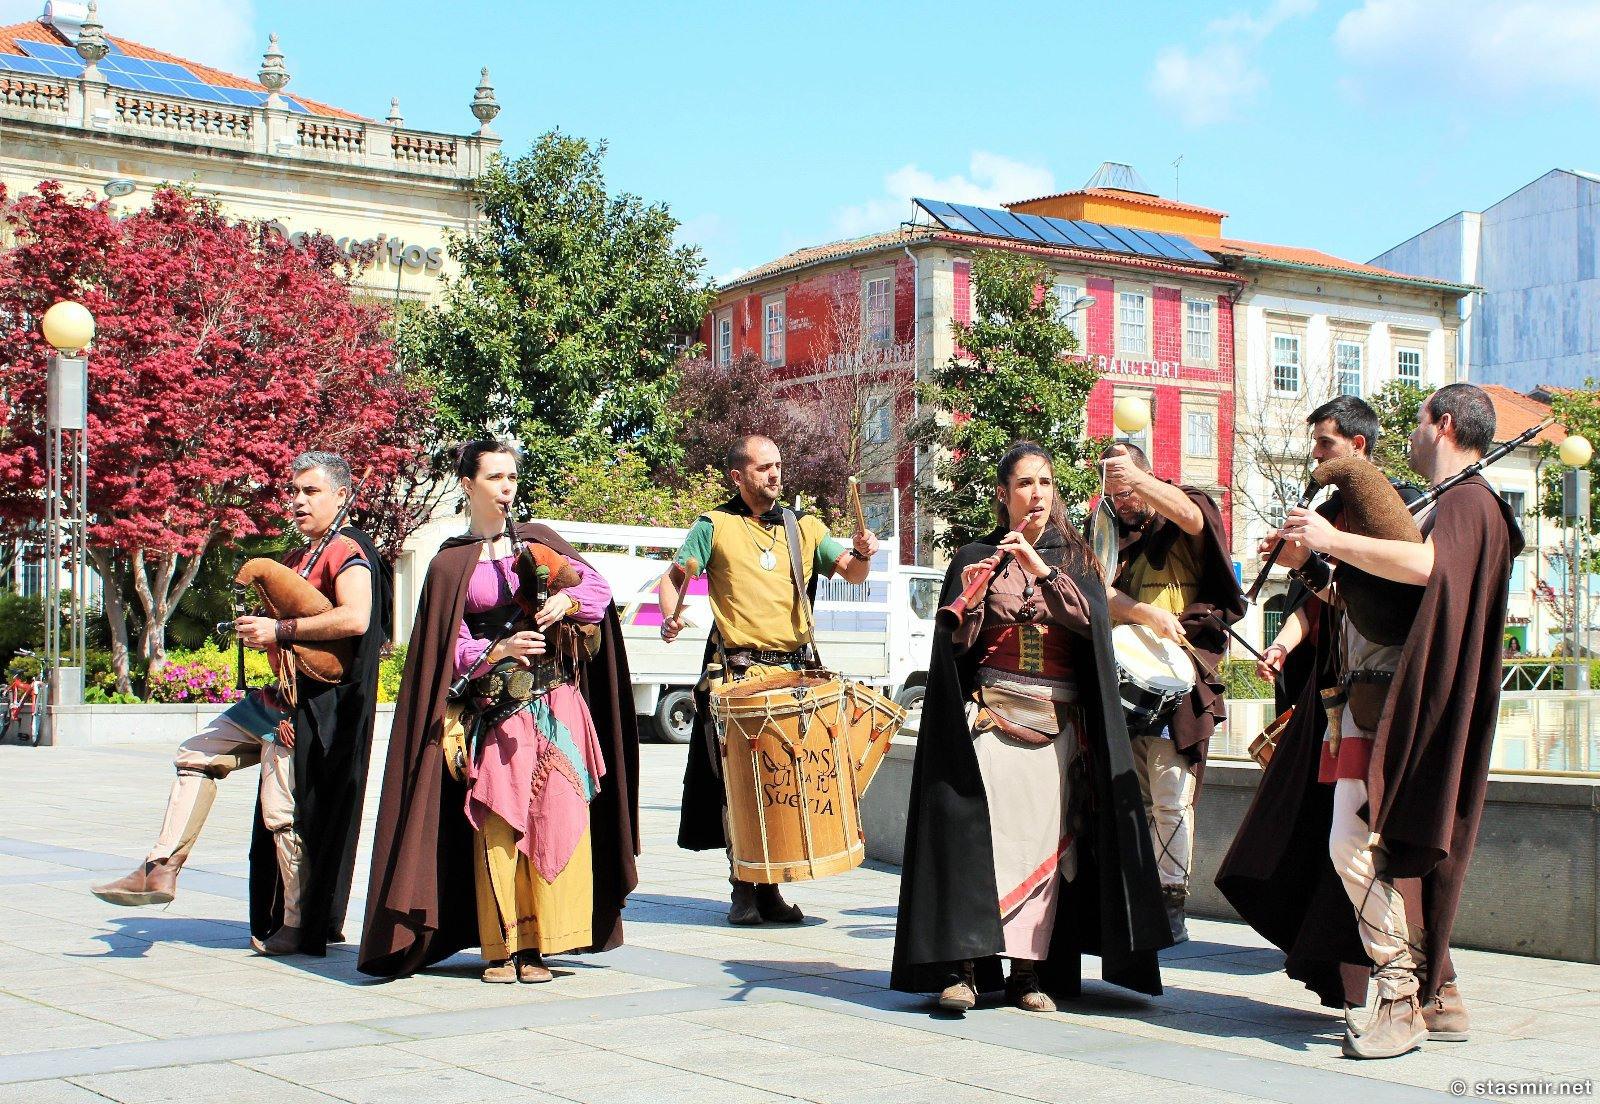 Брага: волынщики в традиционных костюмах на улице, фото Стасмир, photo Stasmir